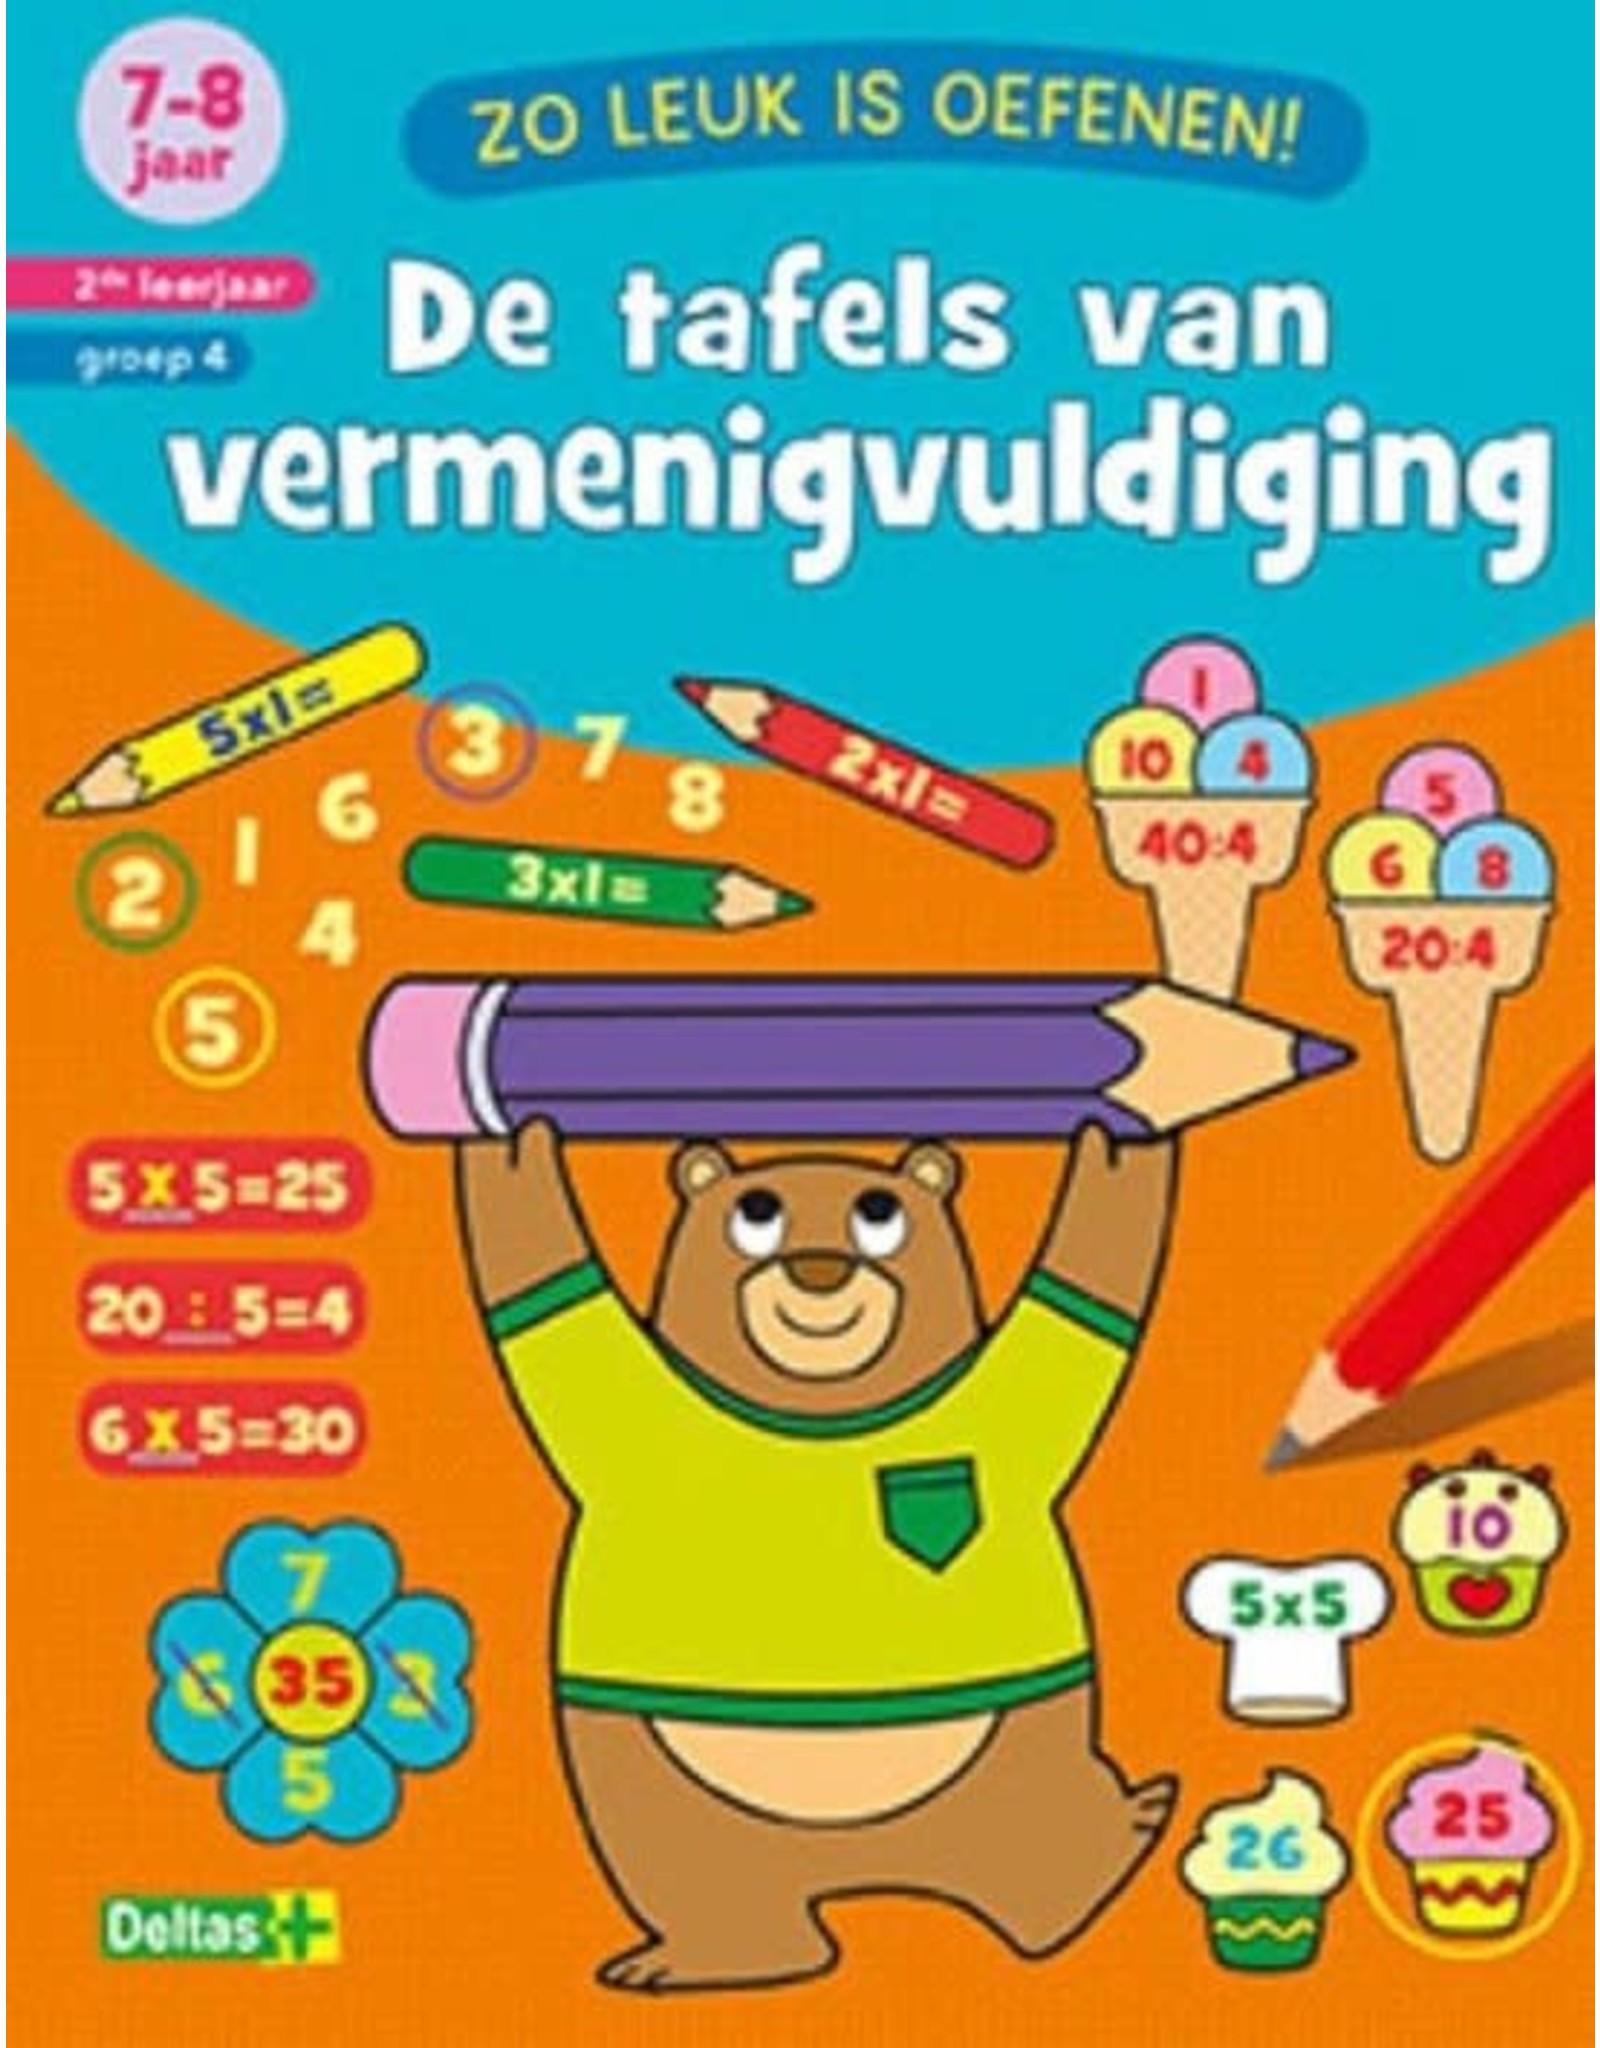 DE TAFELS VAN VERMENIGVULDIGING